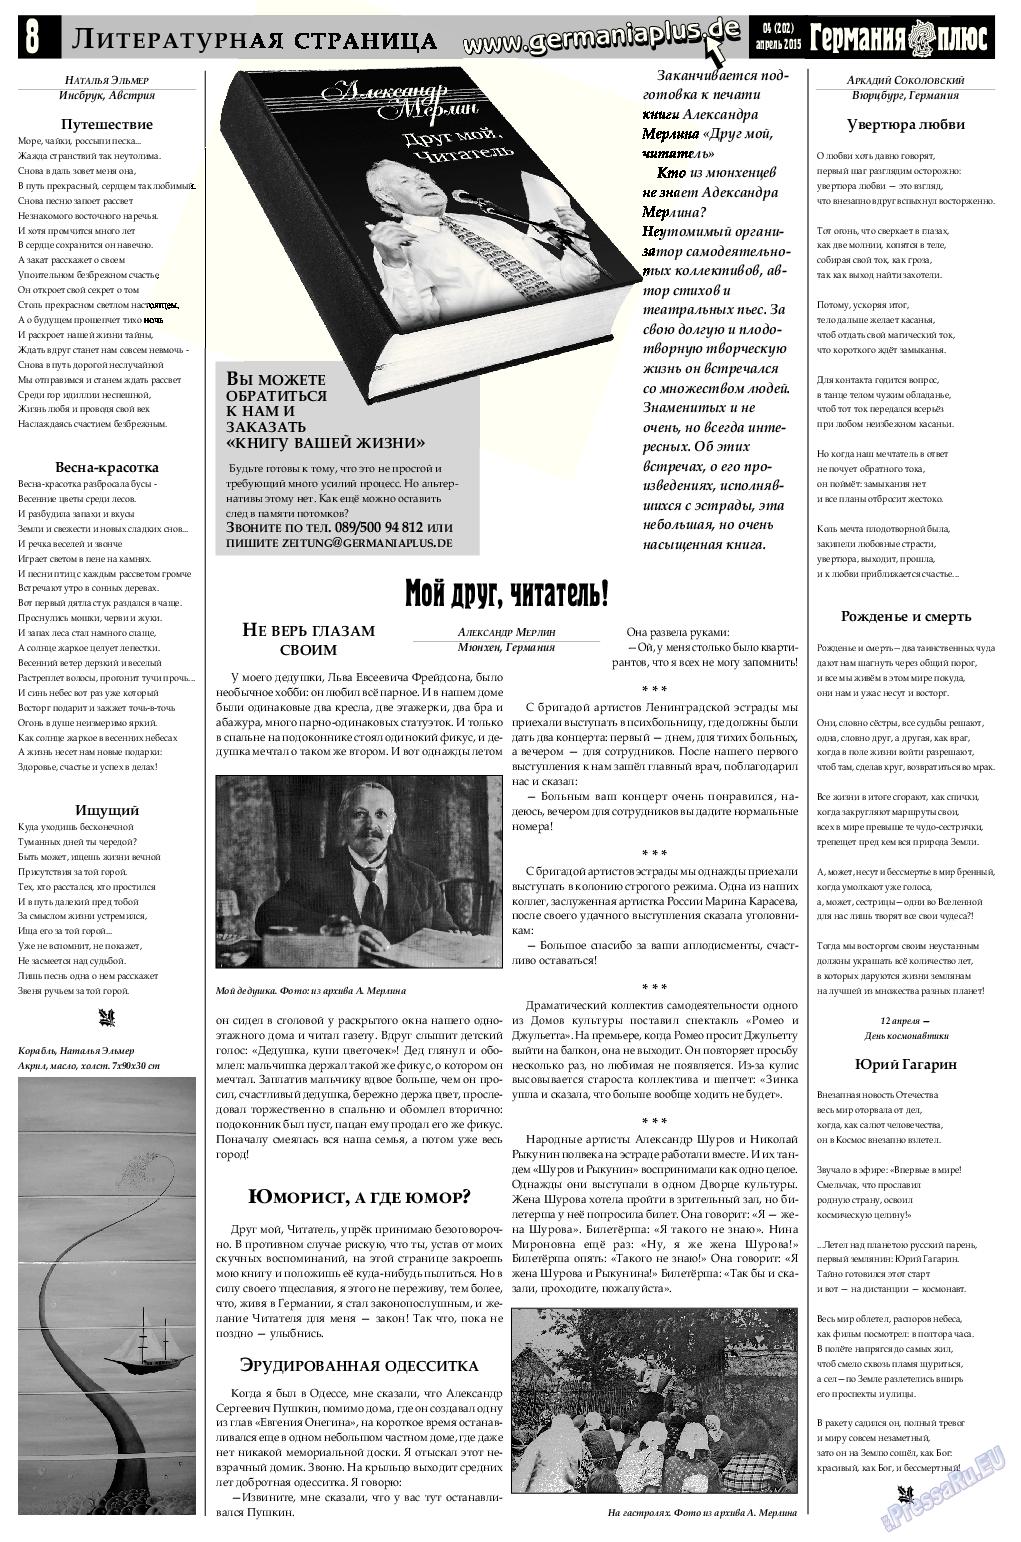 Германия плюс (газета). 2015 год, номер 4, стр. 8